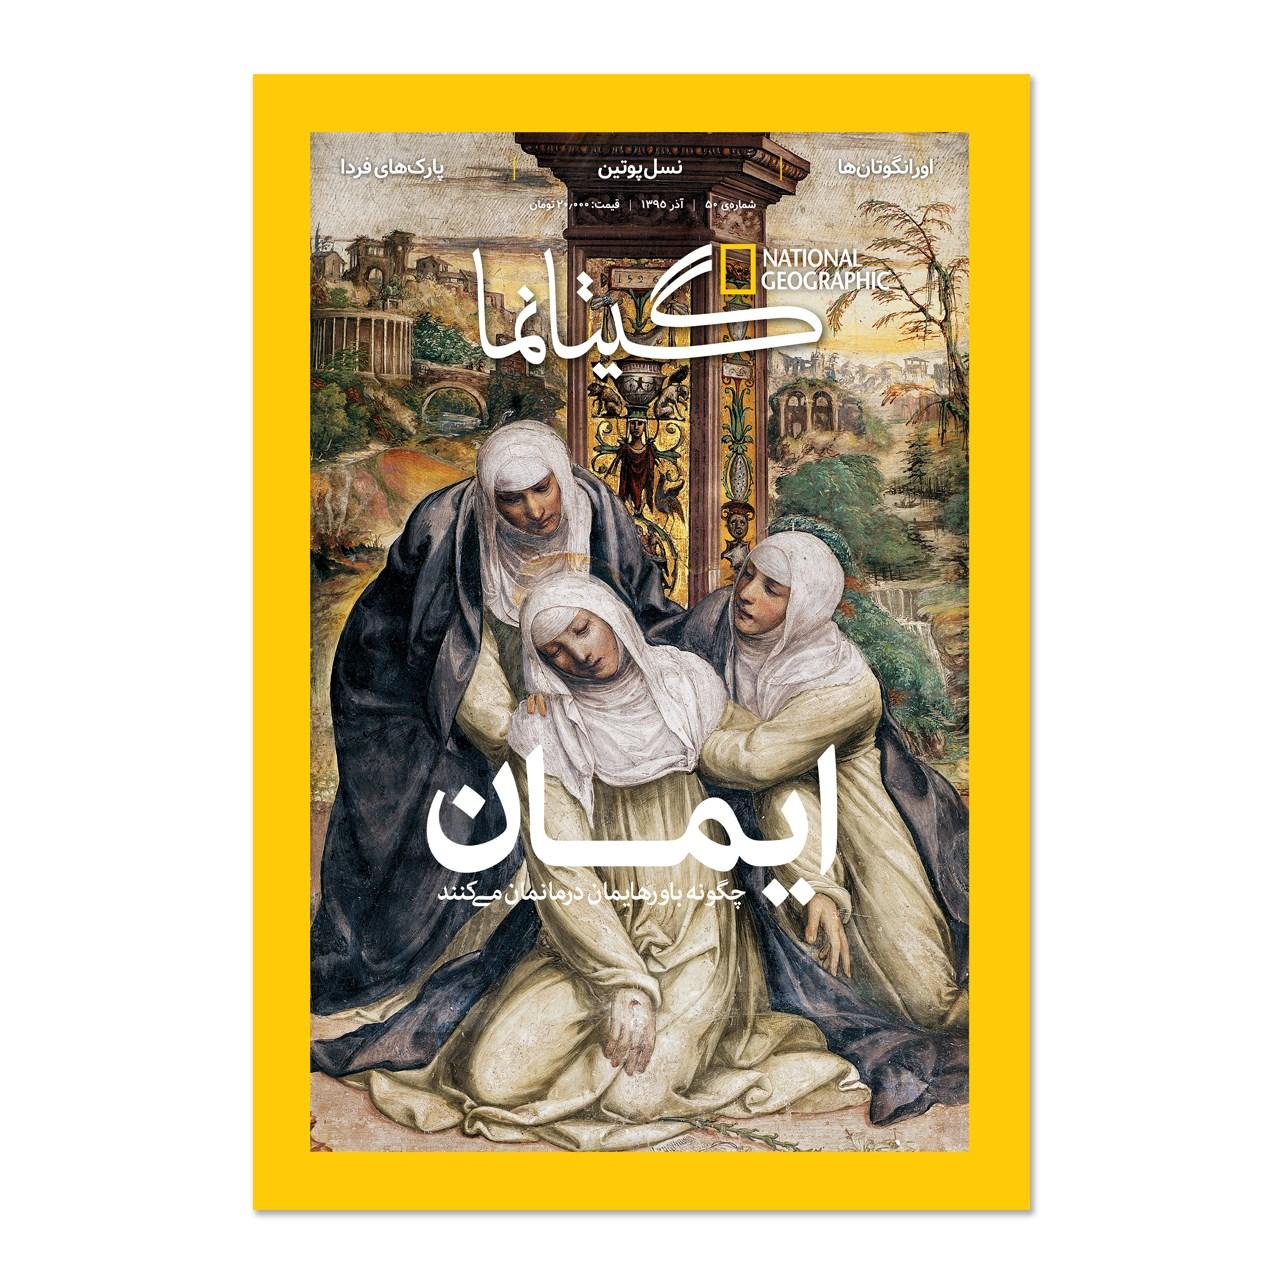 مجله نشنال جئوگرافیک فارسی - شماره 50